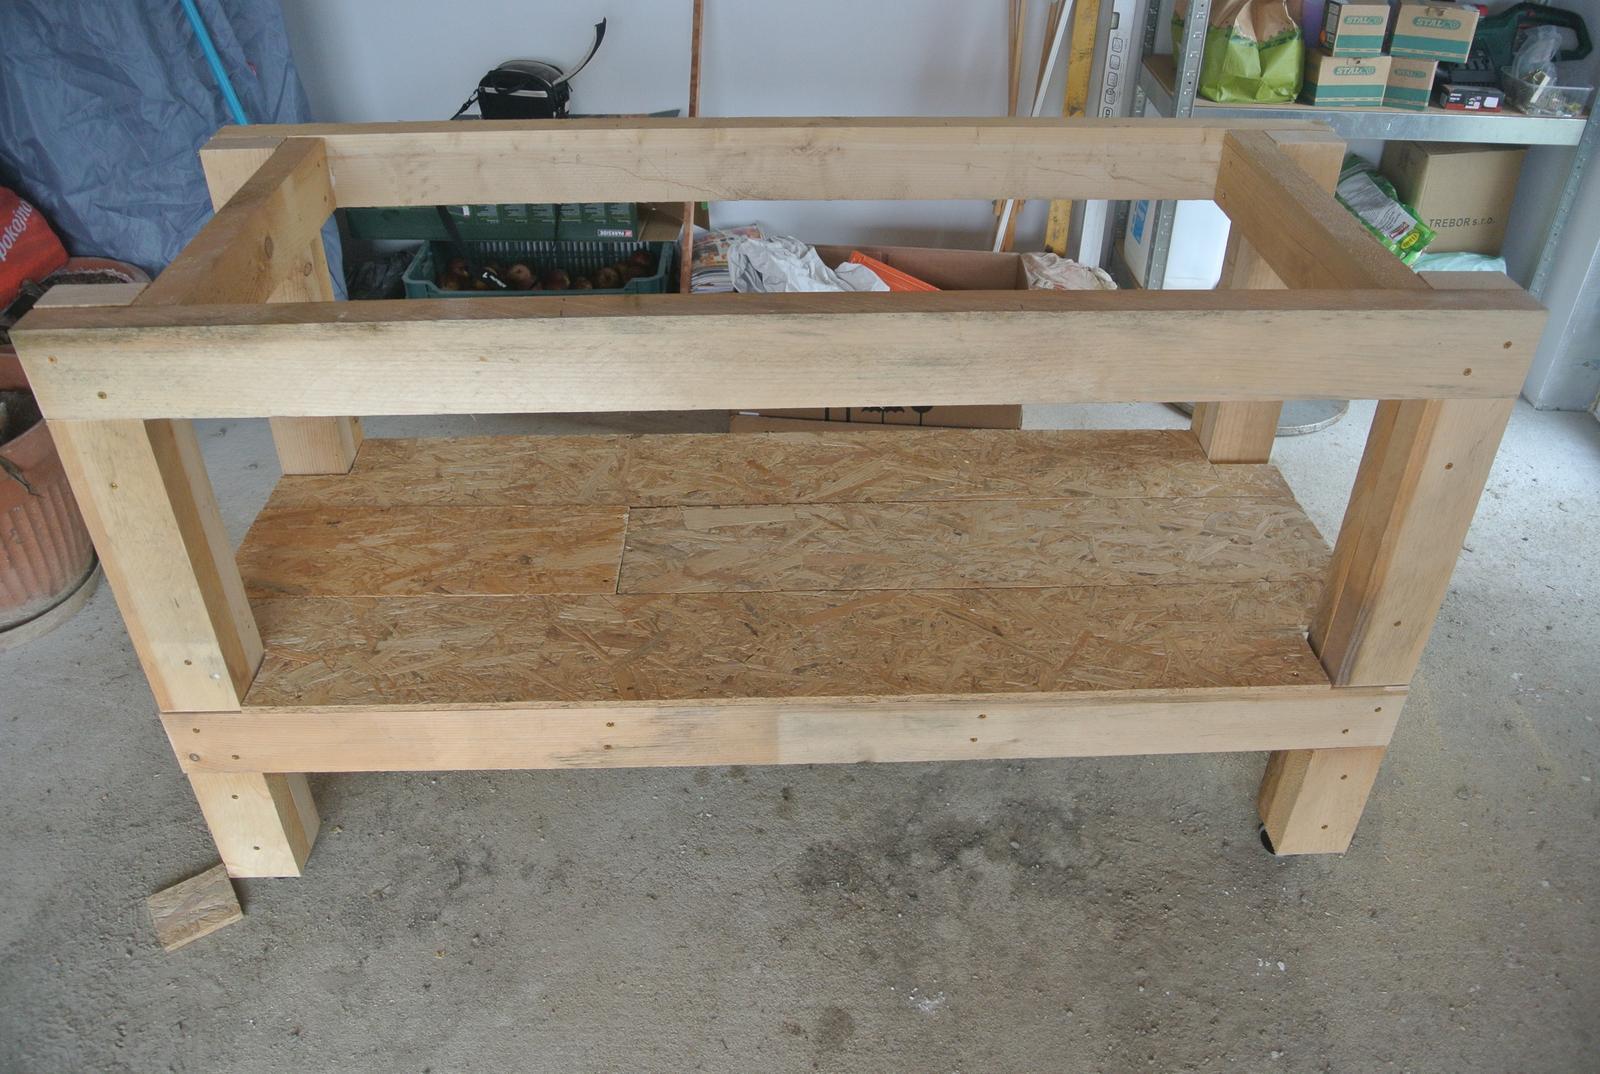 Moje tvorenie z dreva - Ešte domontujeme vrchnú dosku, pomáhala aj staršia dcéra a bude hotovo. Možno ešte napustím tie dosky fermežou, niekedy časom.